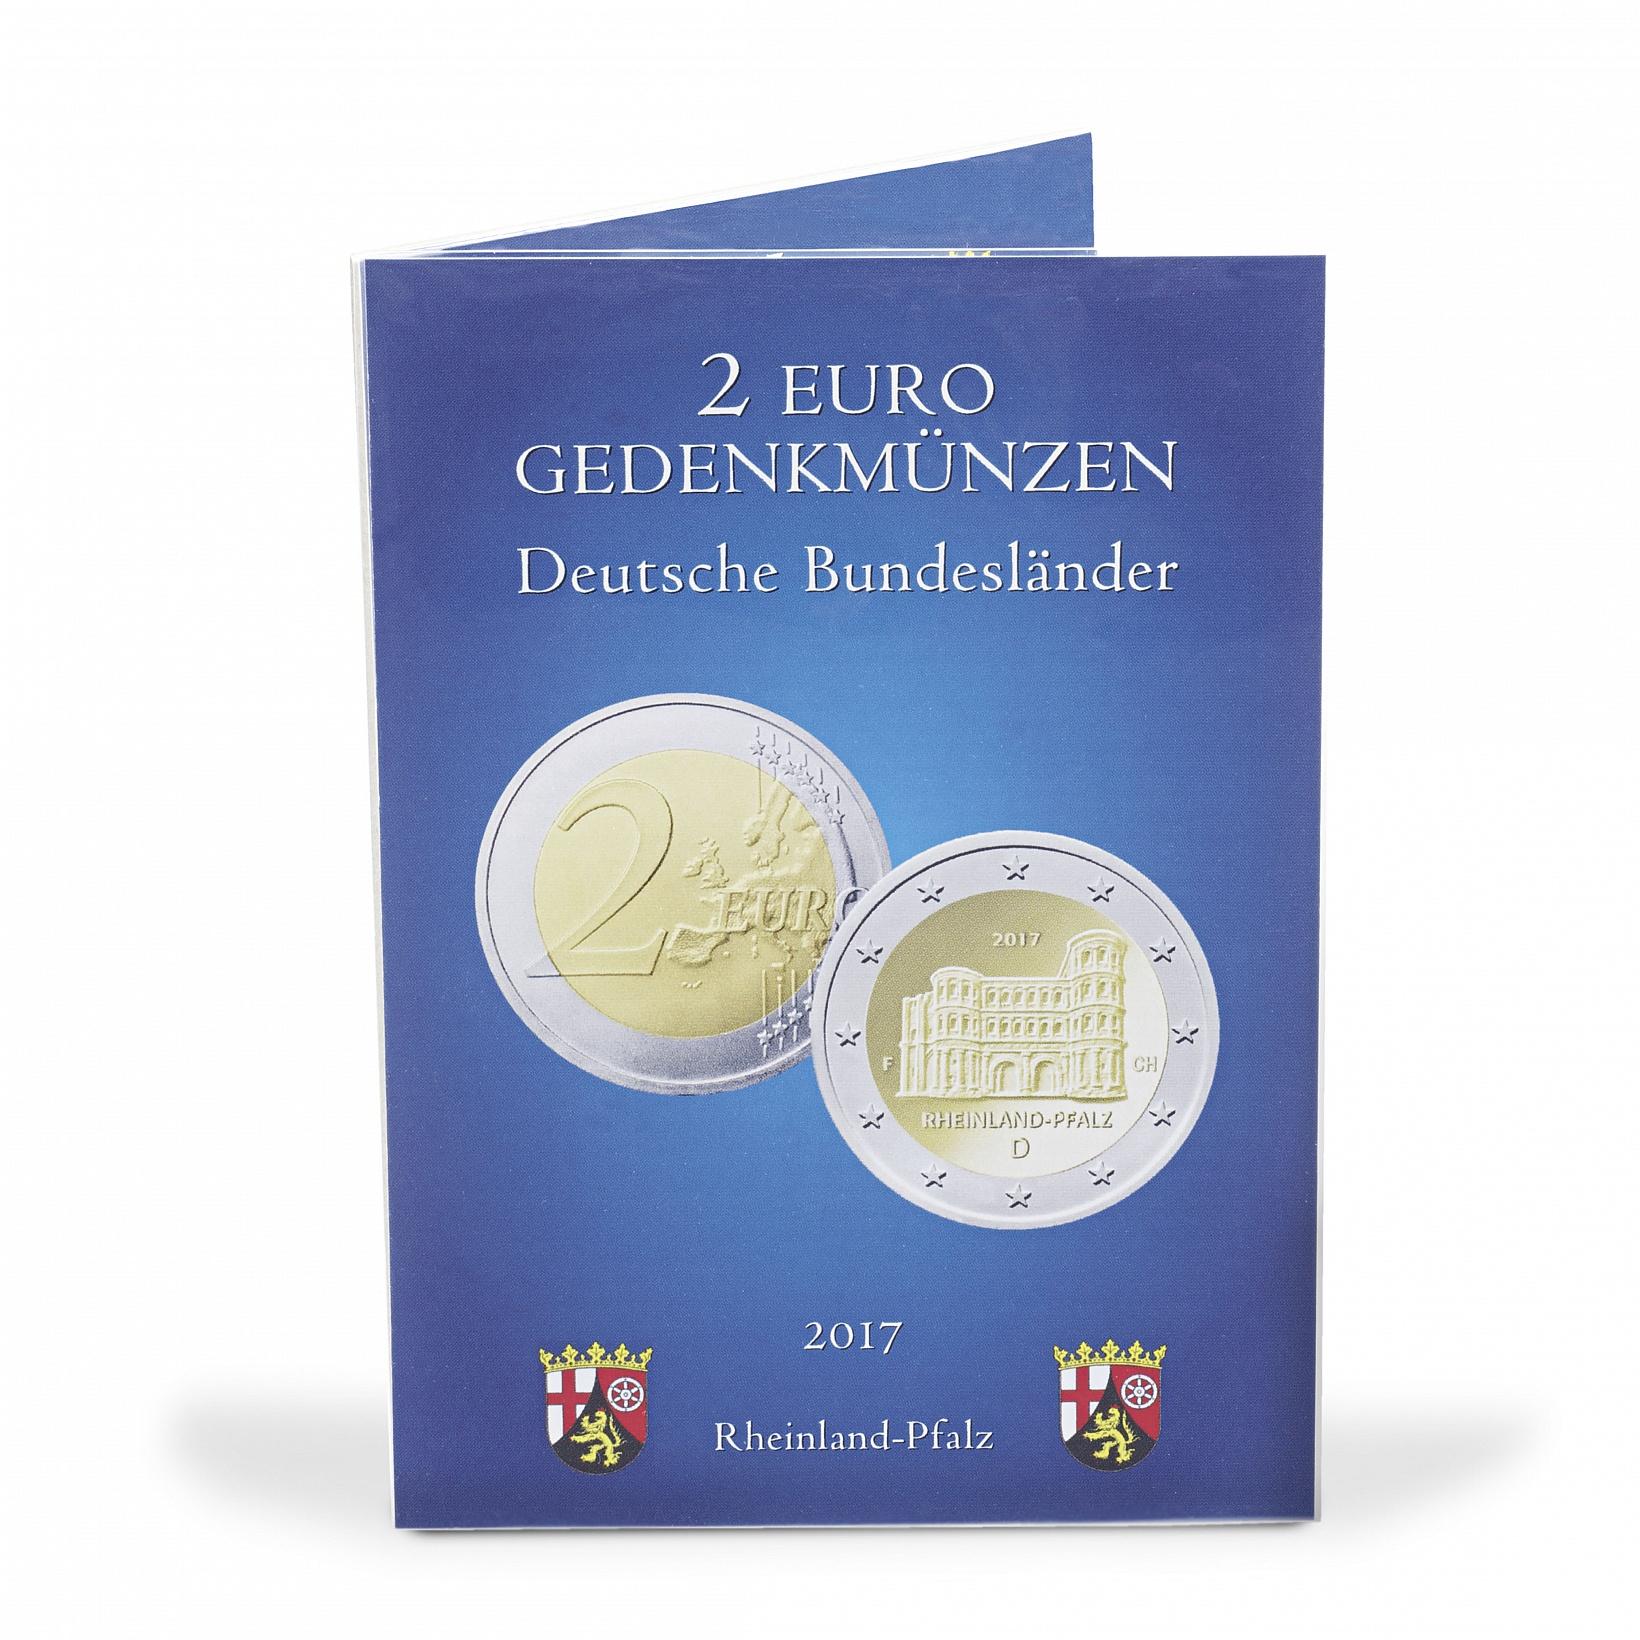 Mescide Sammlerzubehör Münzkarte Für 2 Euro Münzen Brd Rheinland